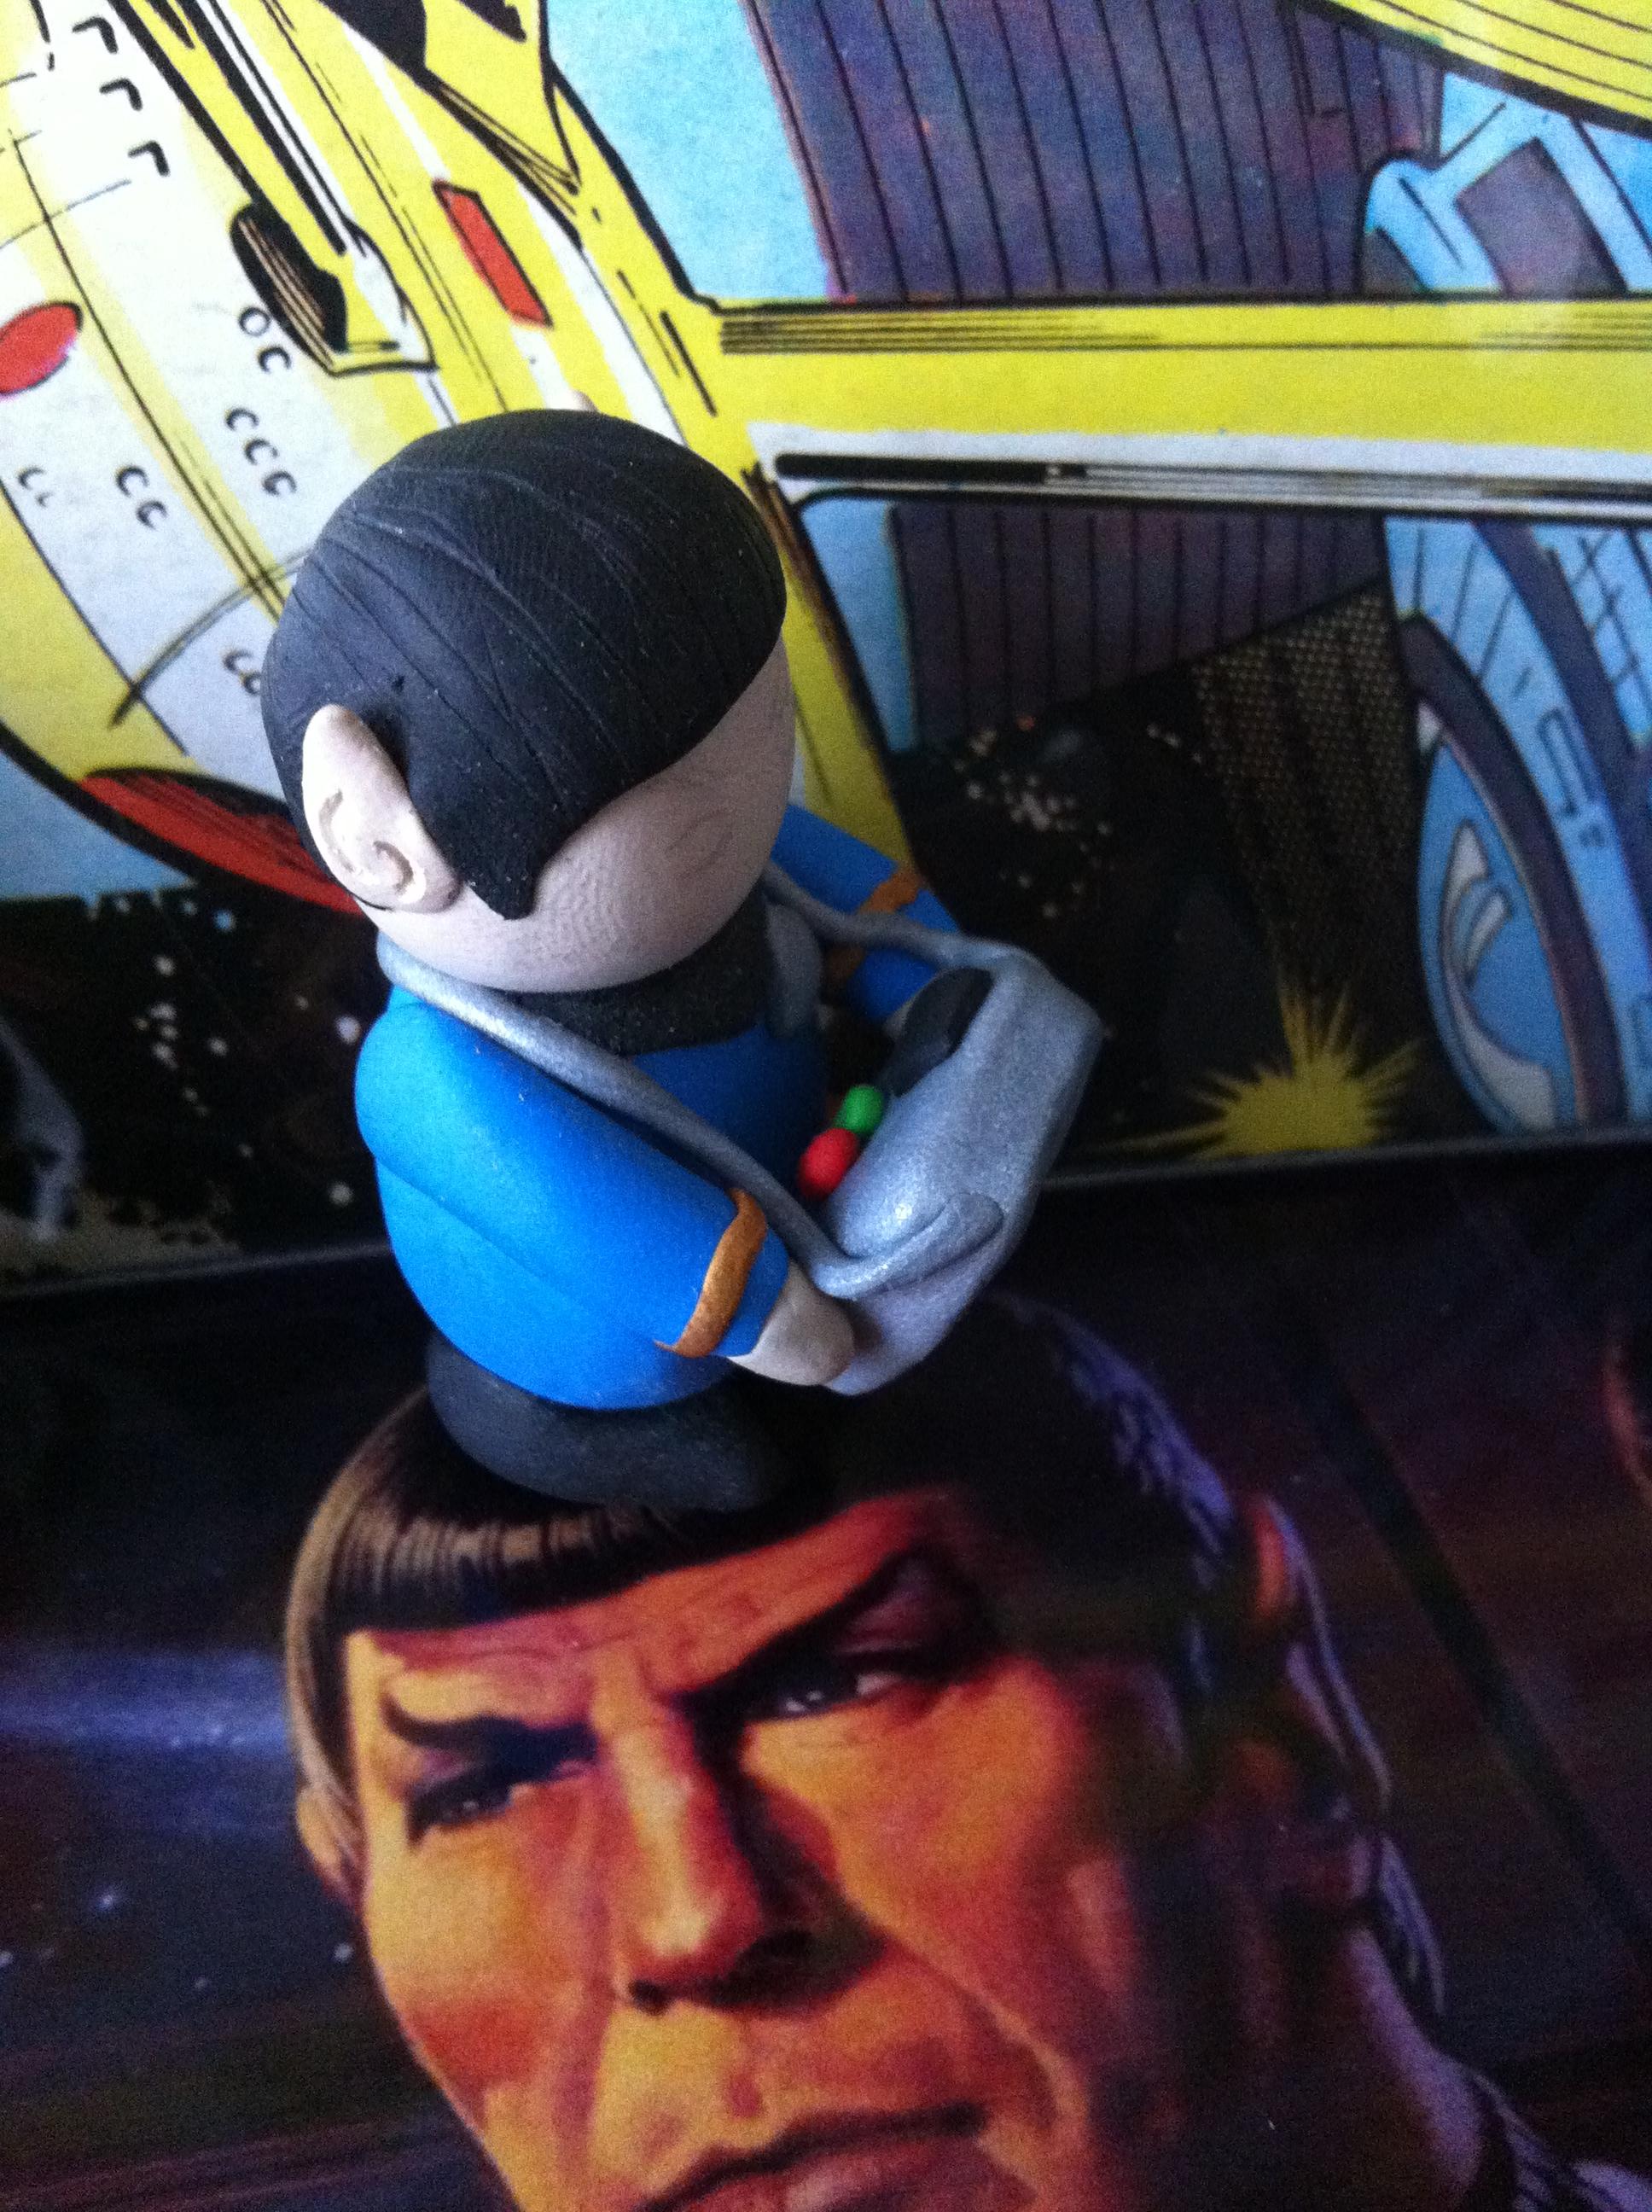 Personnages Fimo Star Trek ImVBkEjrm4dHN_xb11zXWDIUwsU